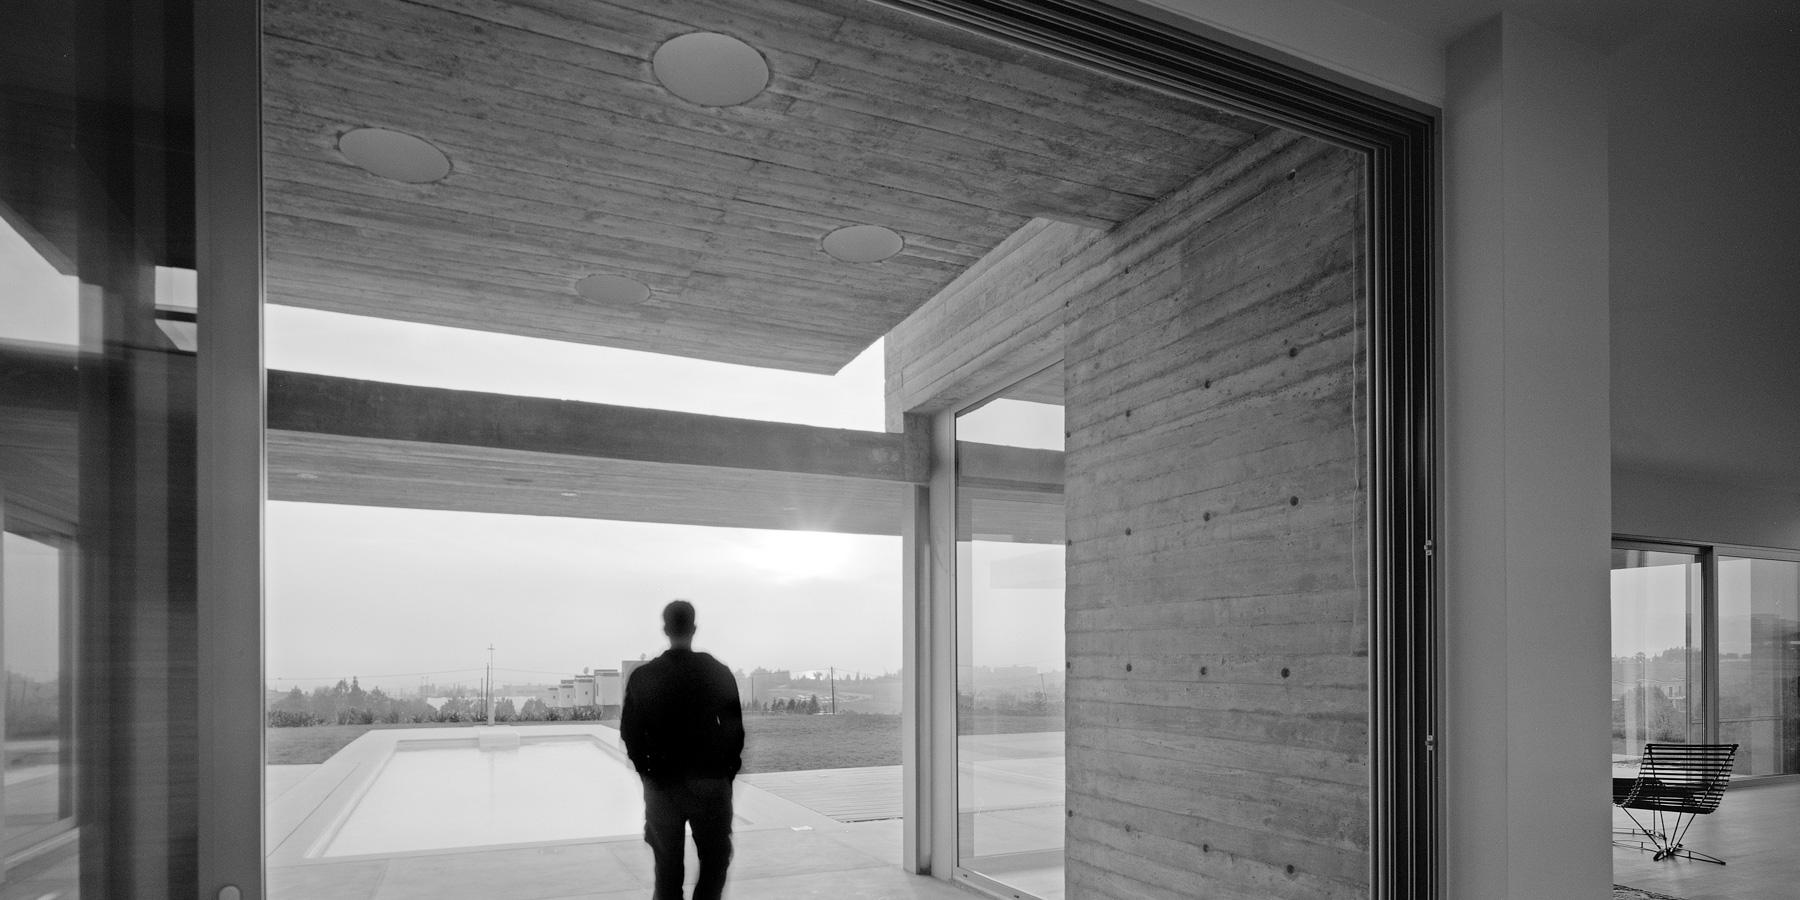 Horizontal House / Thermi, Thessaloniki